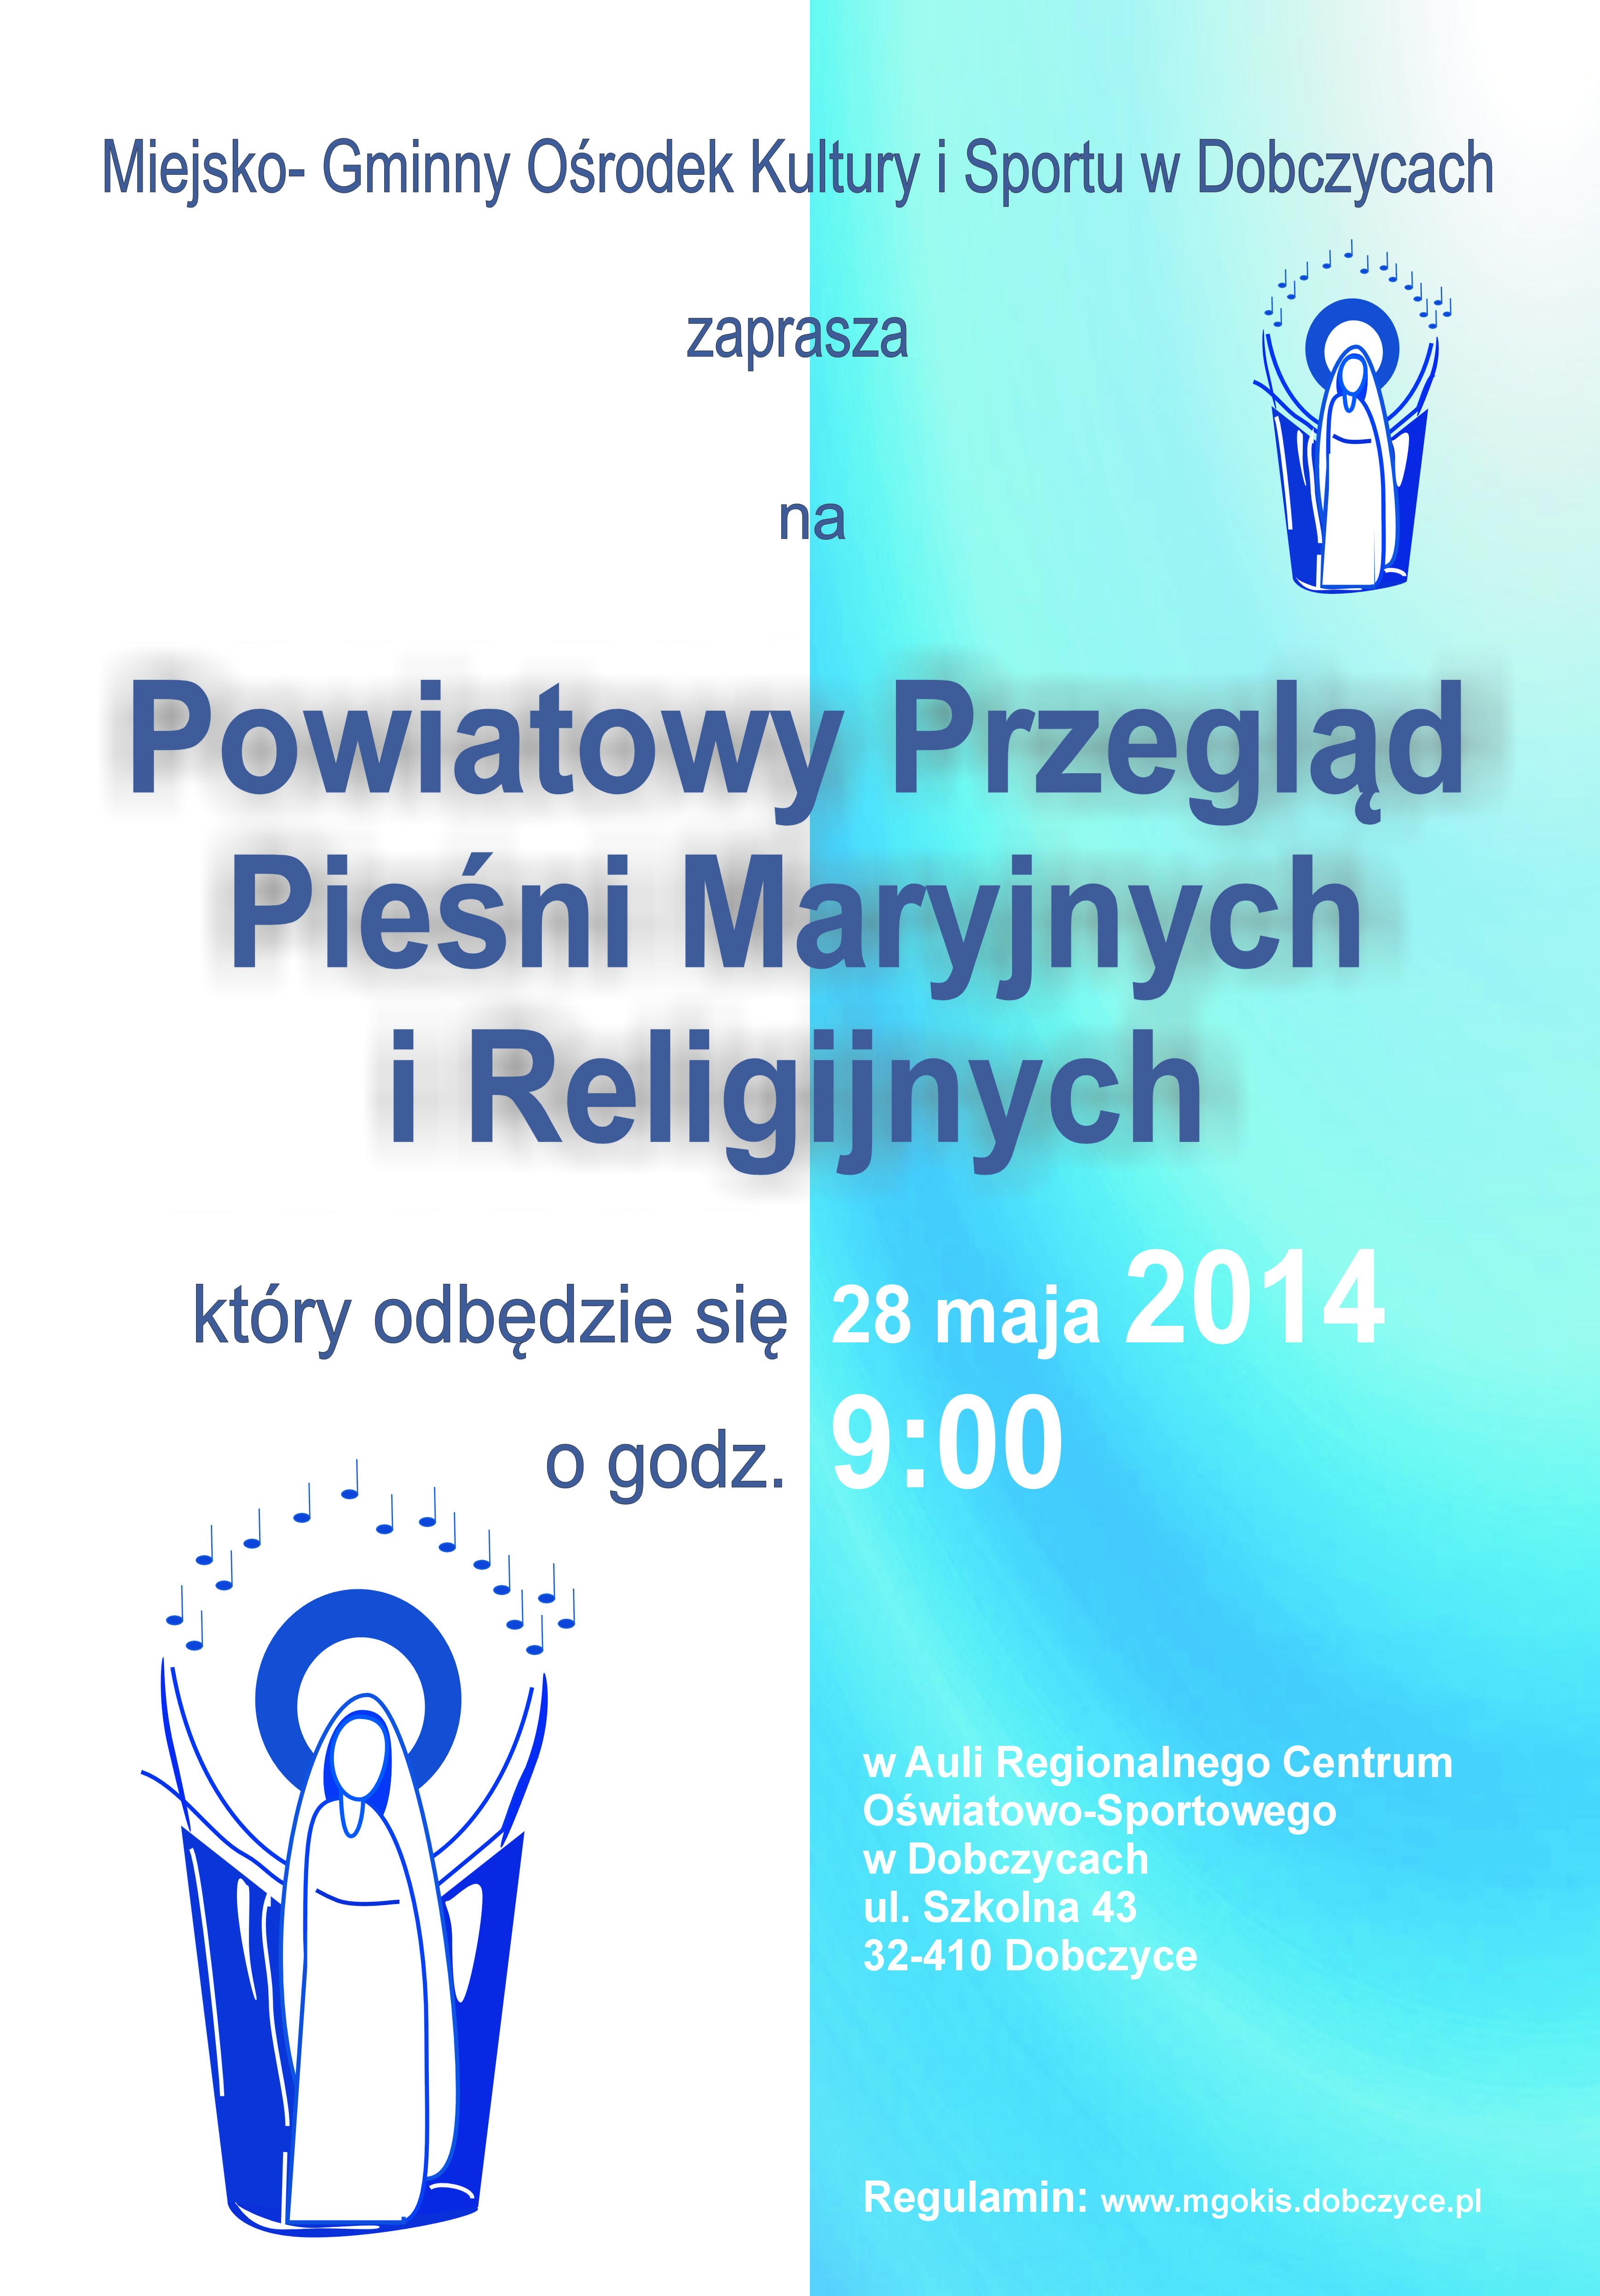 Powiatowy Przegląd Pieśni Maryjnych I Religijnych Dobczyce